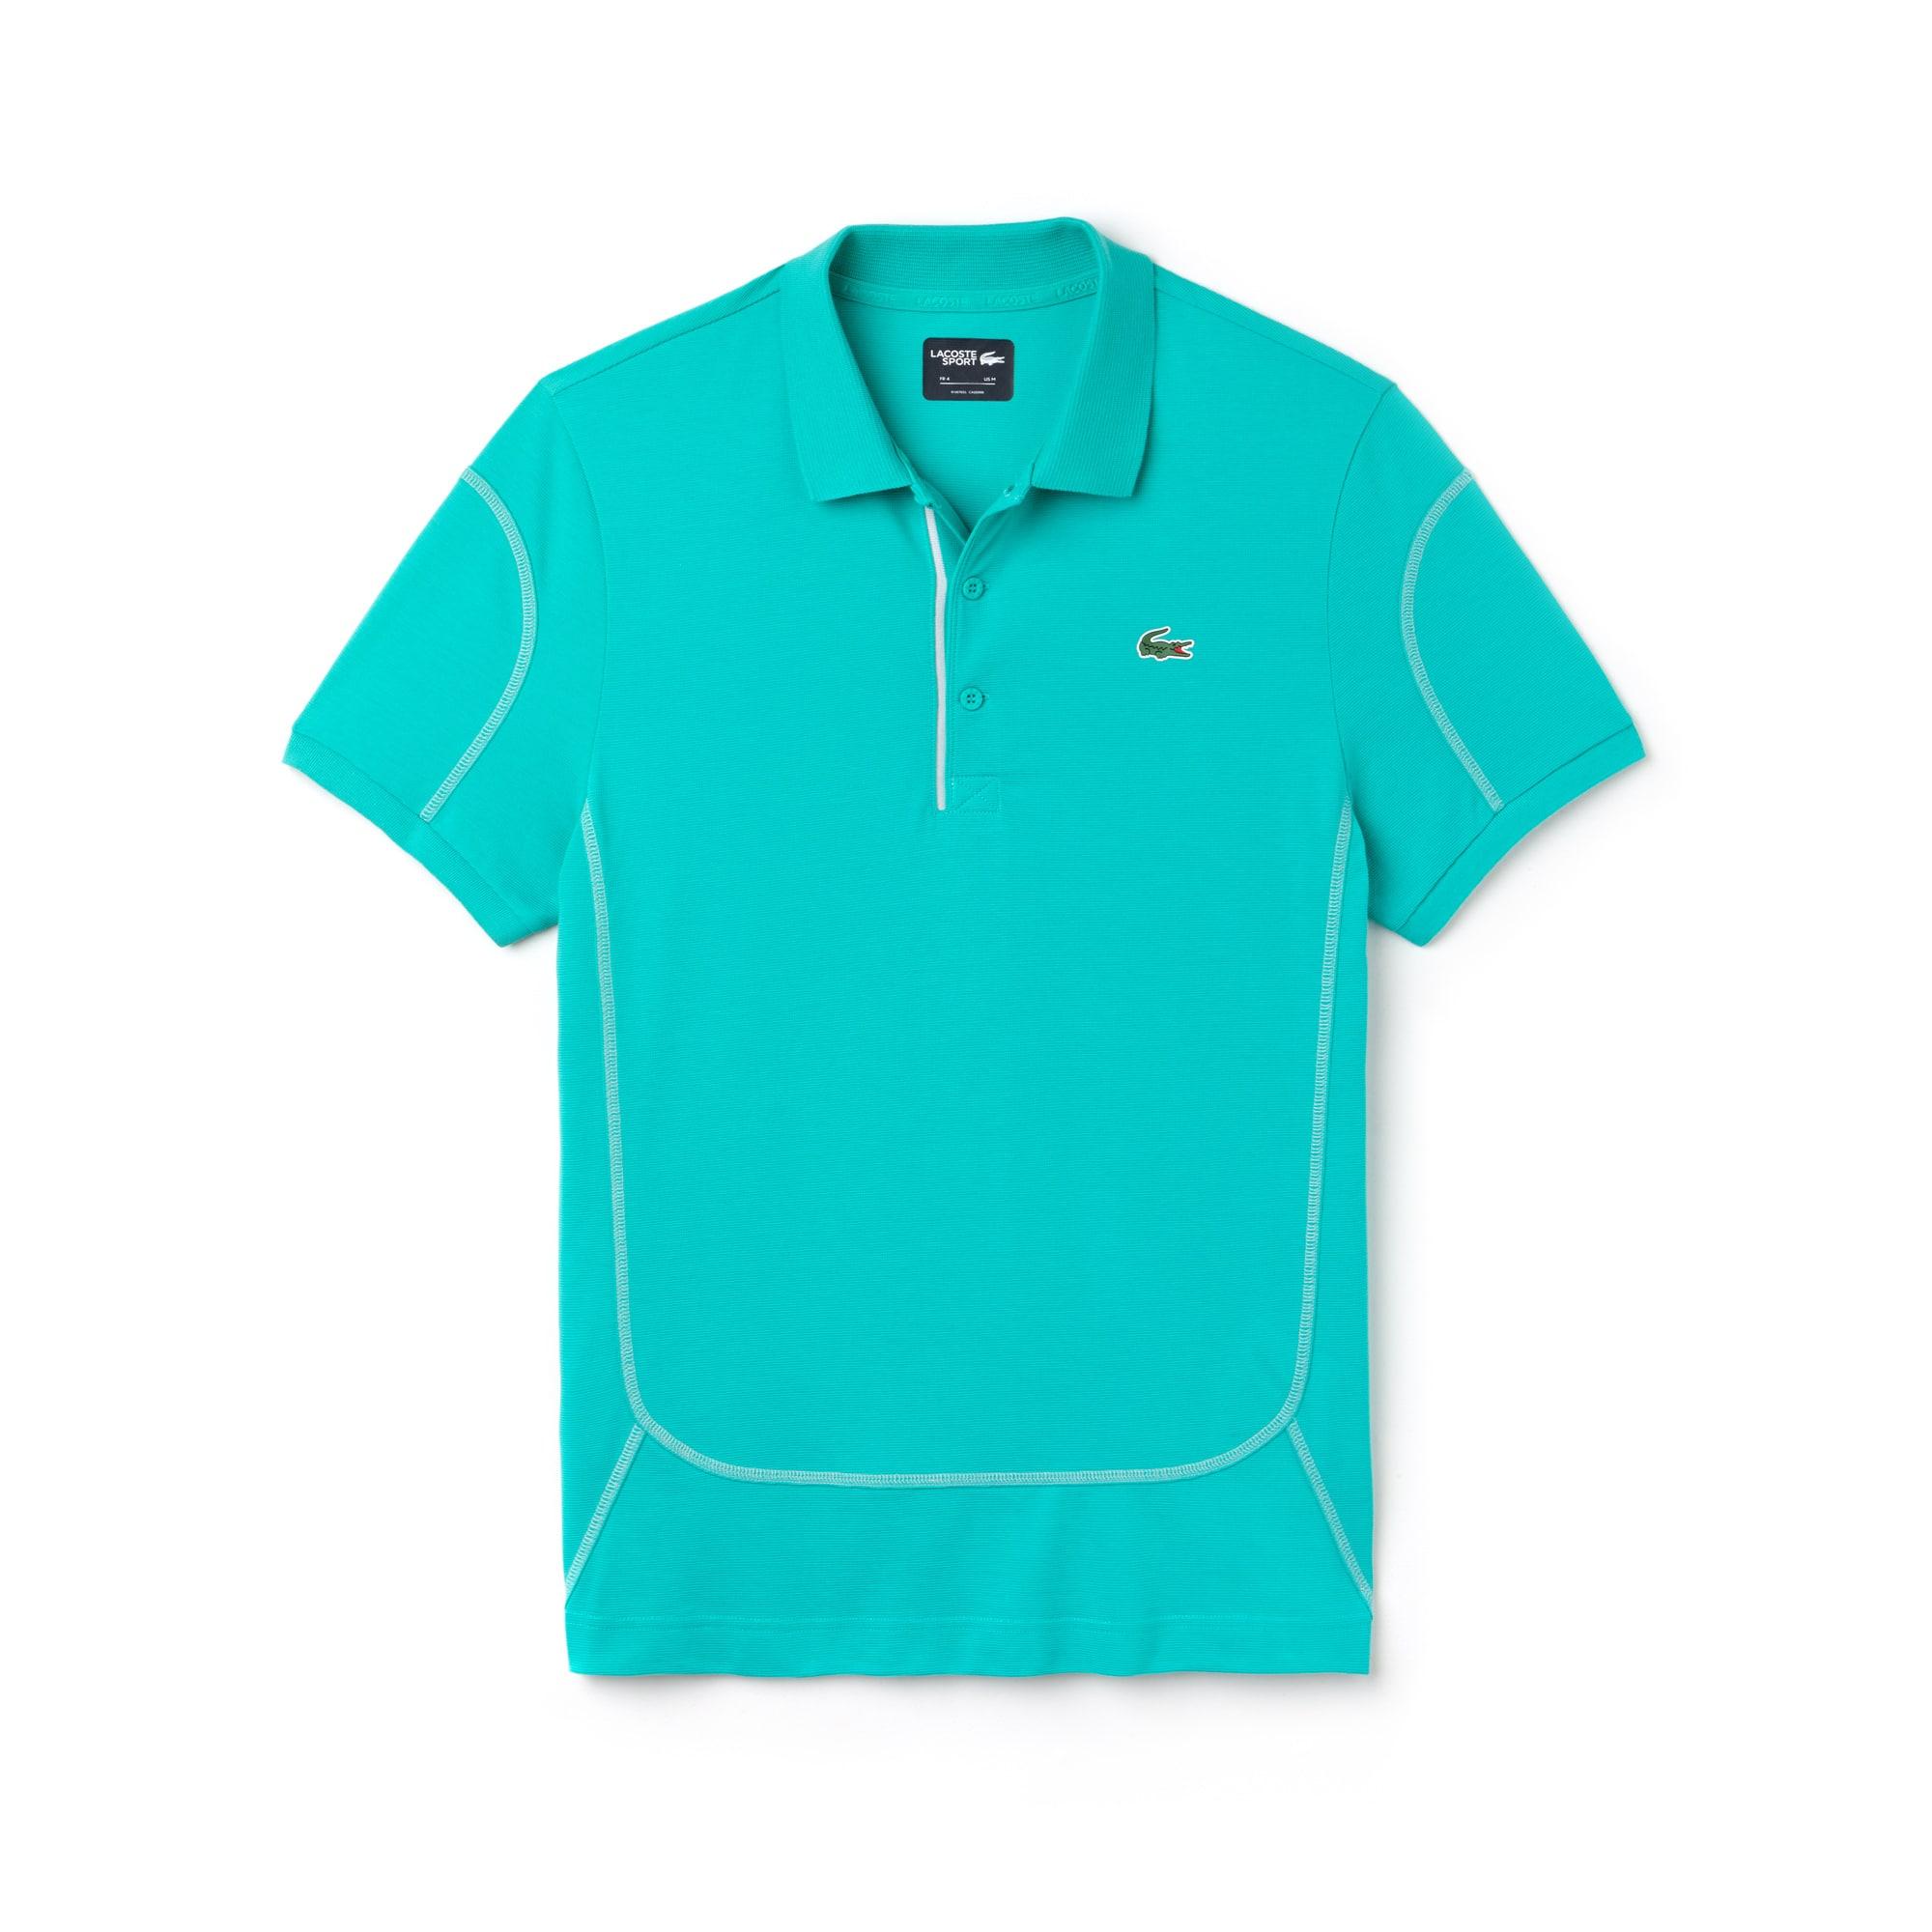 라코스테 Lacoste Mens SPORT Contrast Stitching Light Cotton Tennis Polo,papeete/armour